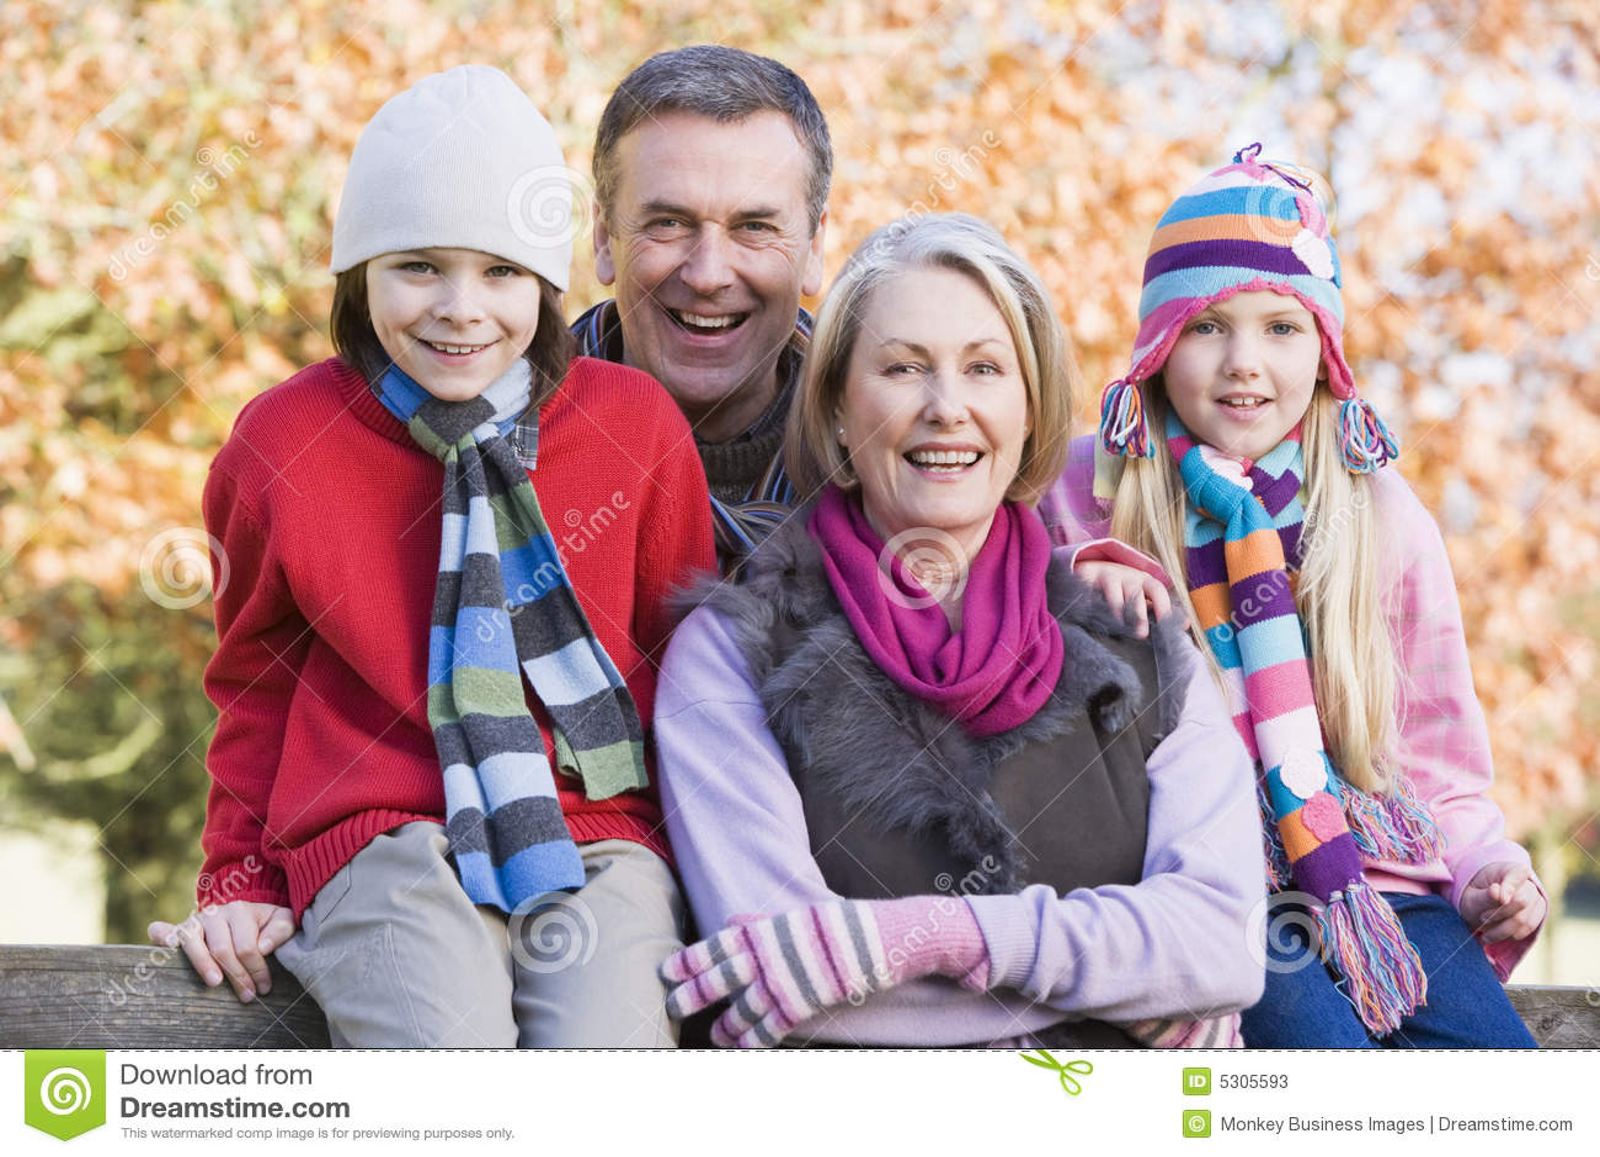 Download Nonni E Nipoti Sulla Camminata Immagine Stock - Immagine di freddo, grandchildren: 5305593